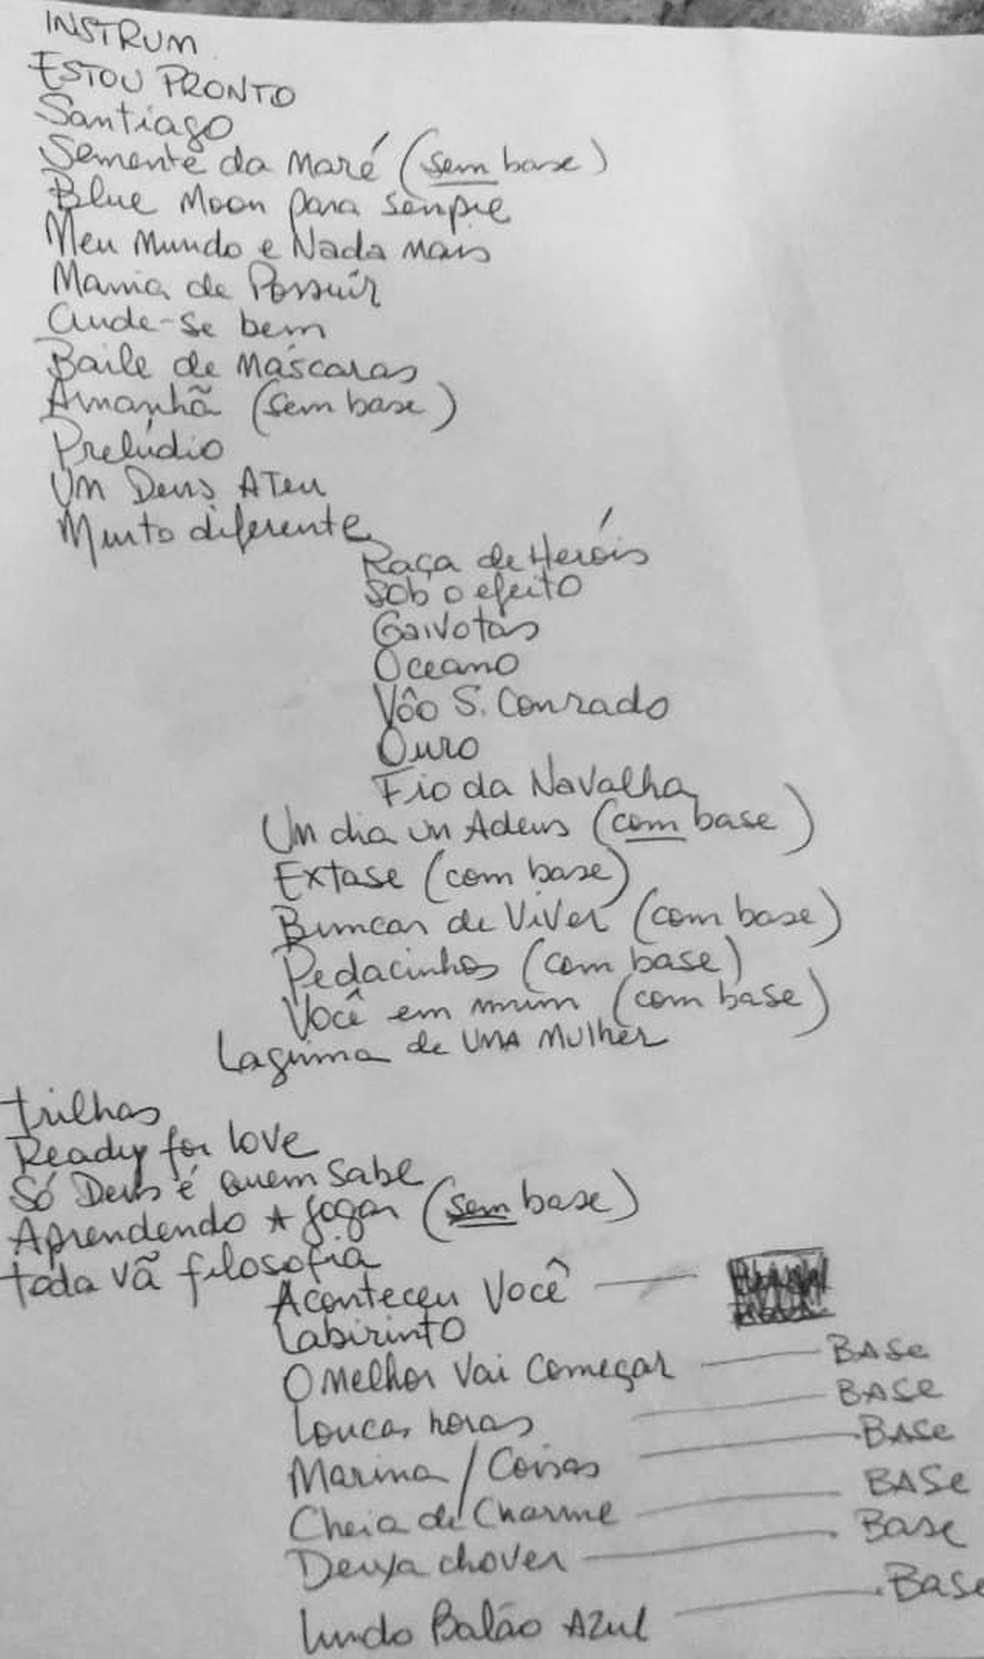 Roteiro do show de Guilherme Arantes na casa Vivo Rio, escrito pelo próprio artista — Foto: Reprodução